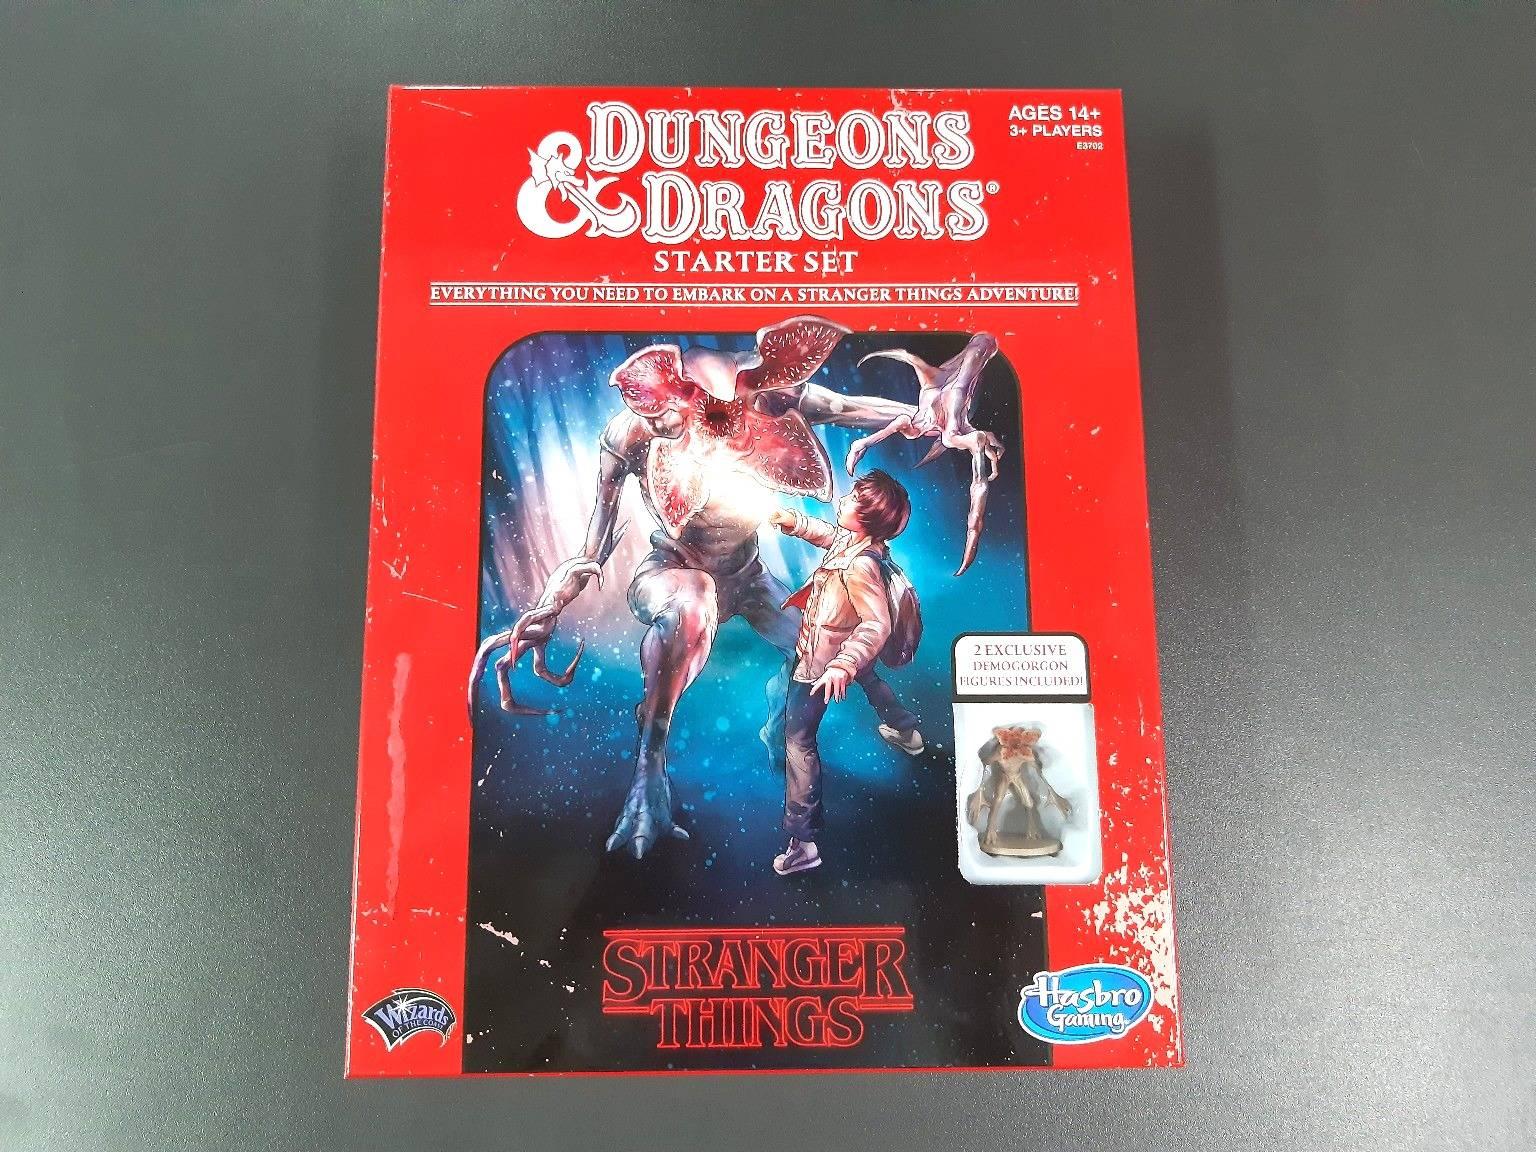 Игра в игре: каким вышел стартовый набор D&D по Stranger Things